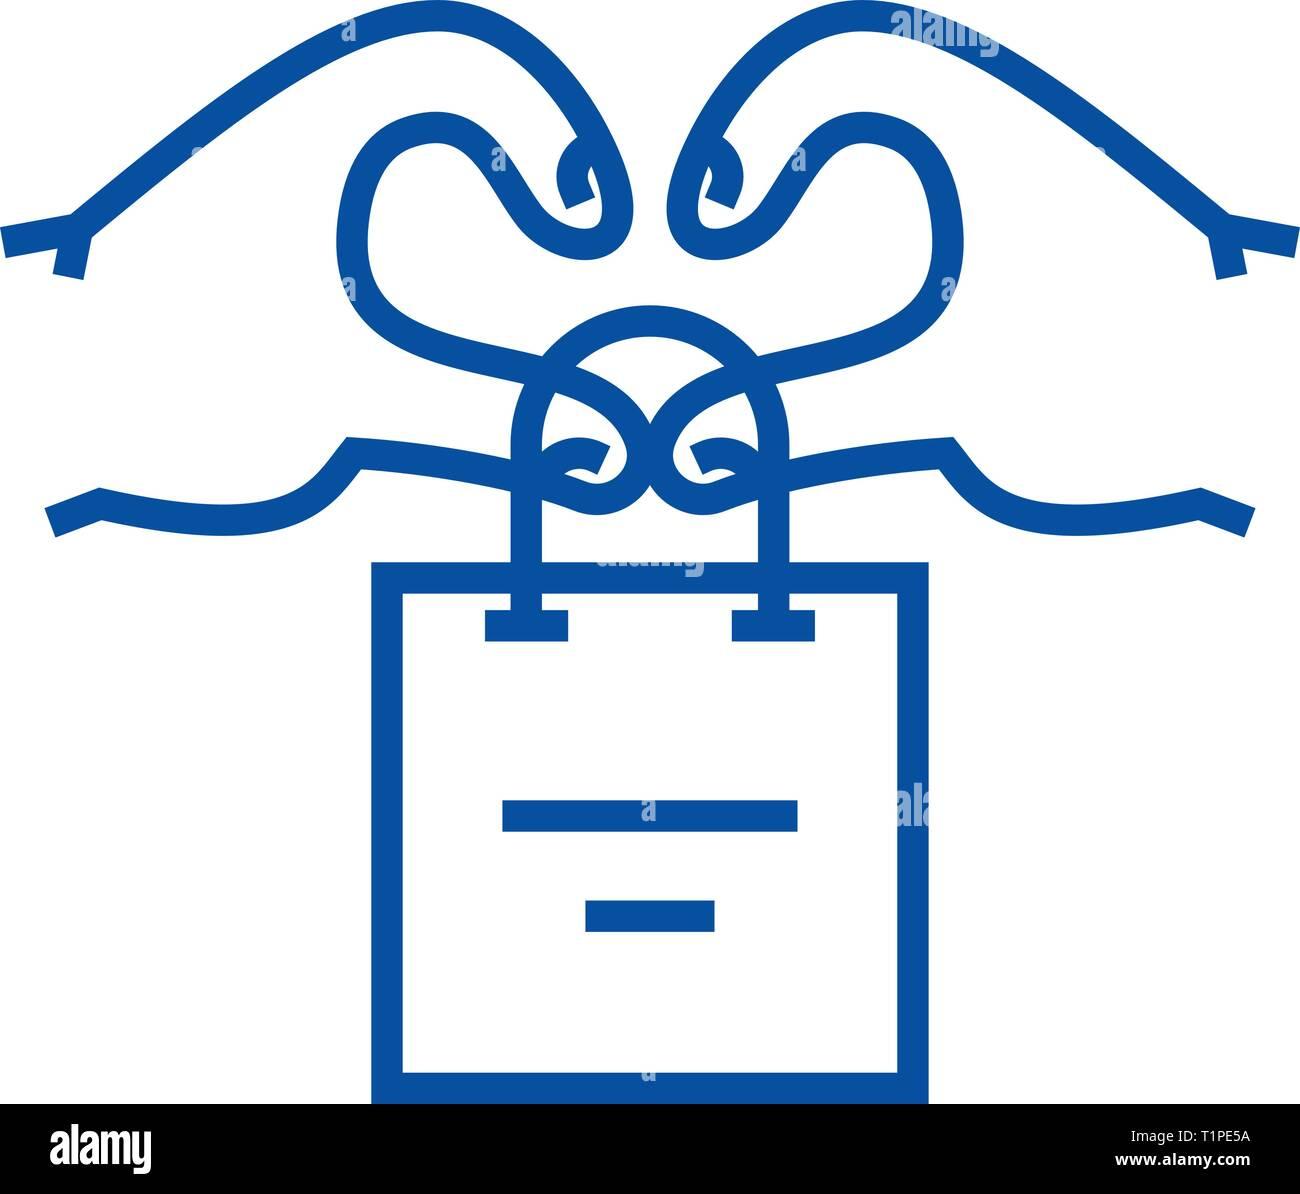 Customer relationship, client marketing line icon concept. Customer relationship, client marketing flat  vector symbol, sign, outline illustration. - Stock Image